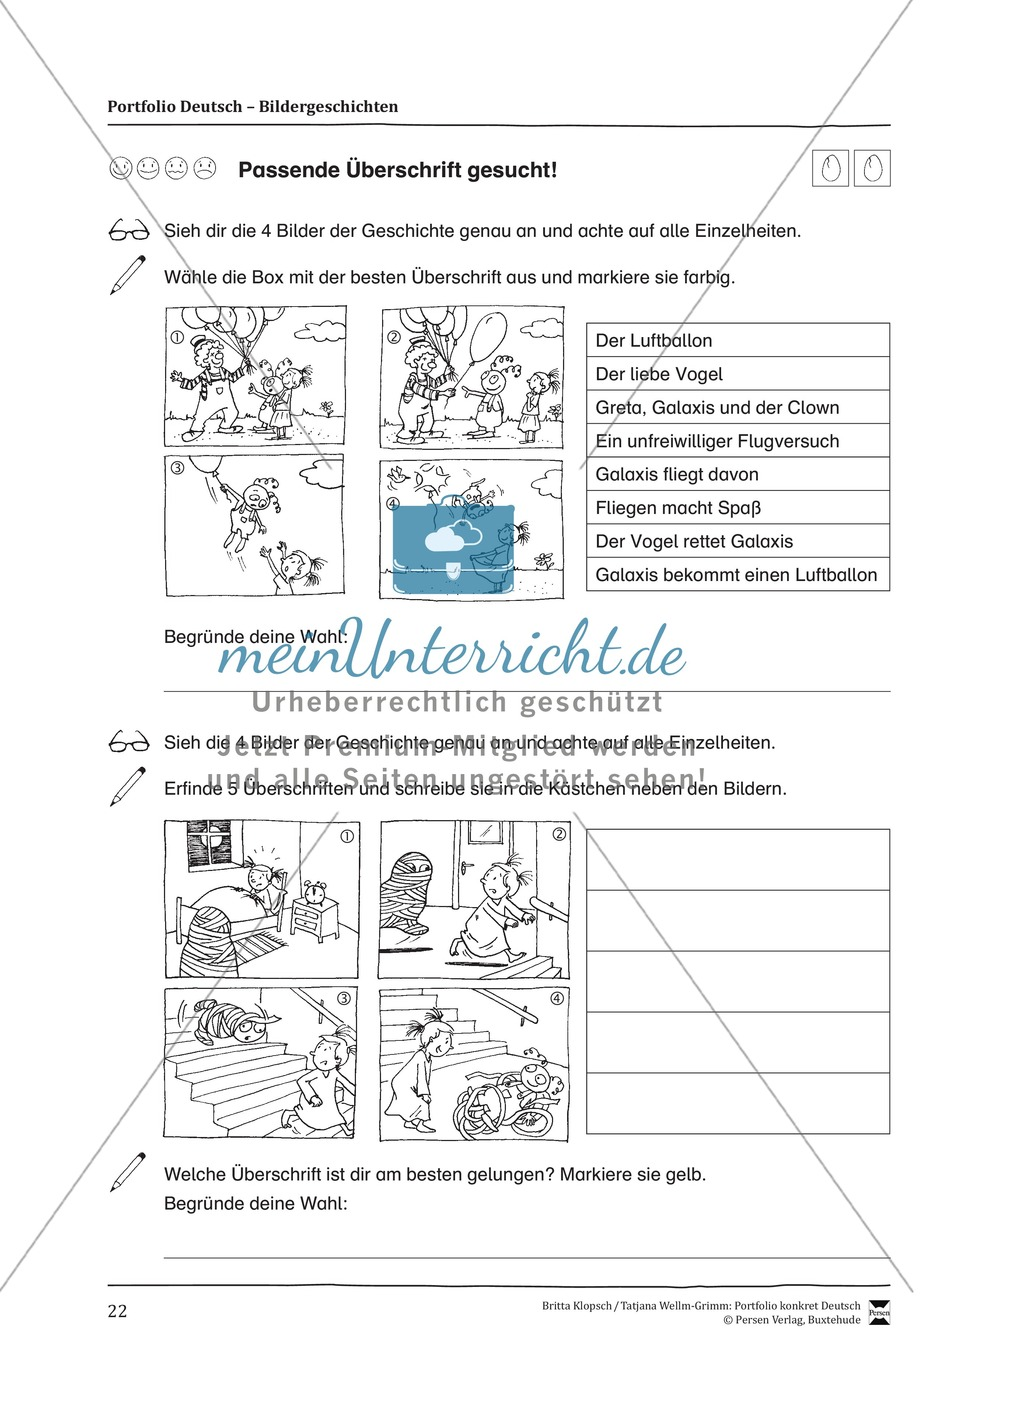 Kopiervorlagen für Aufsatzerziehung am Beispiel Bildergeschichte Preview 14